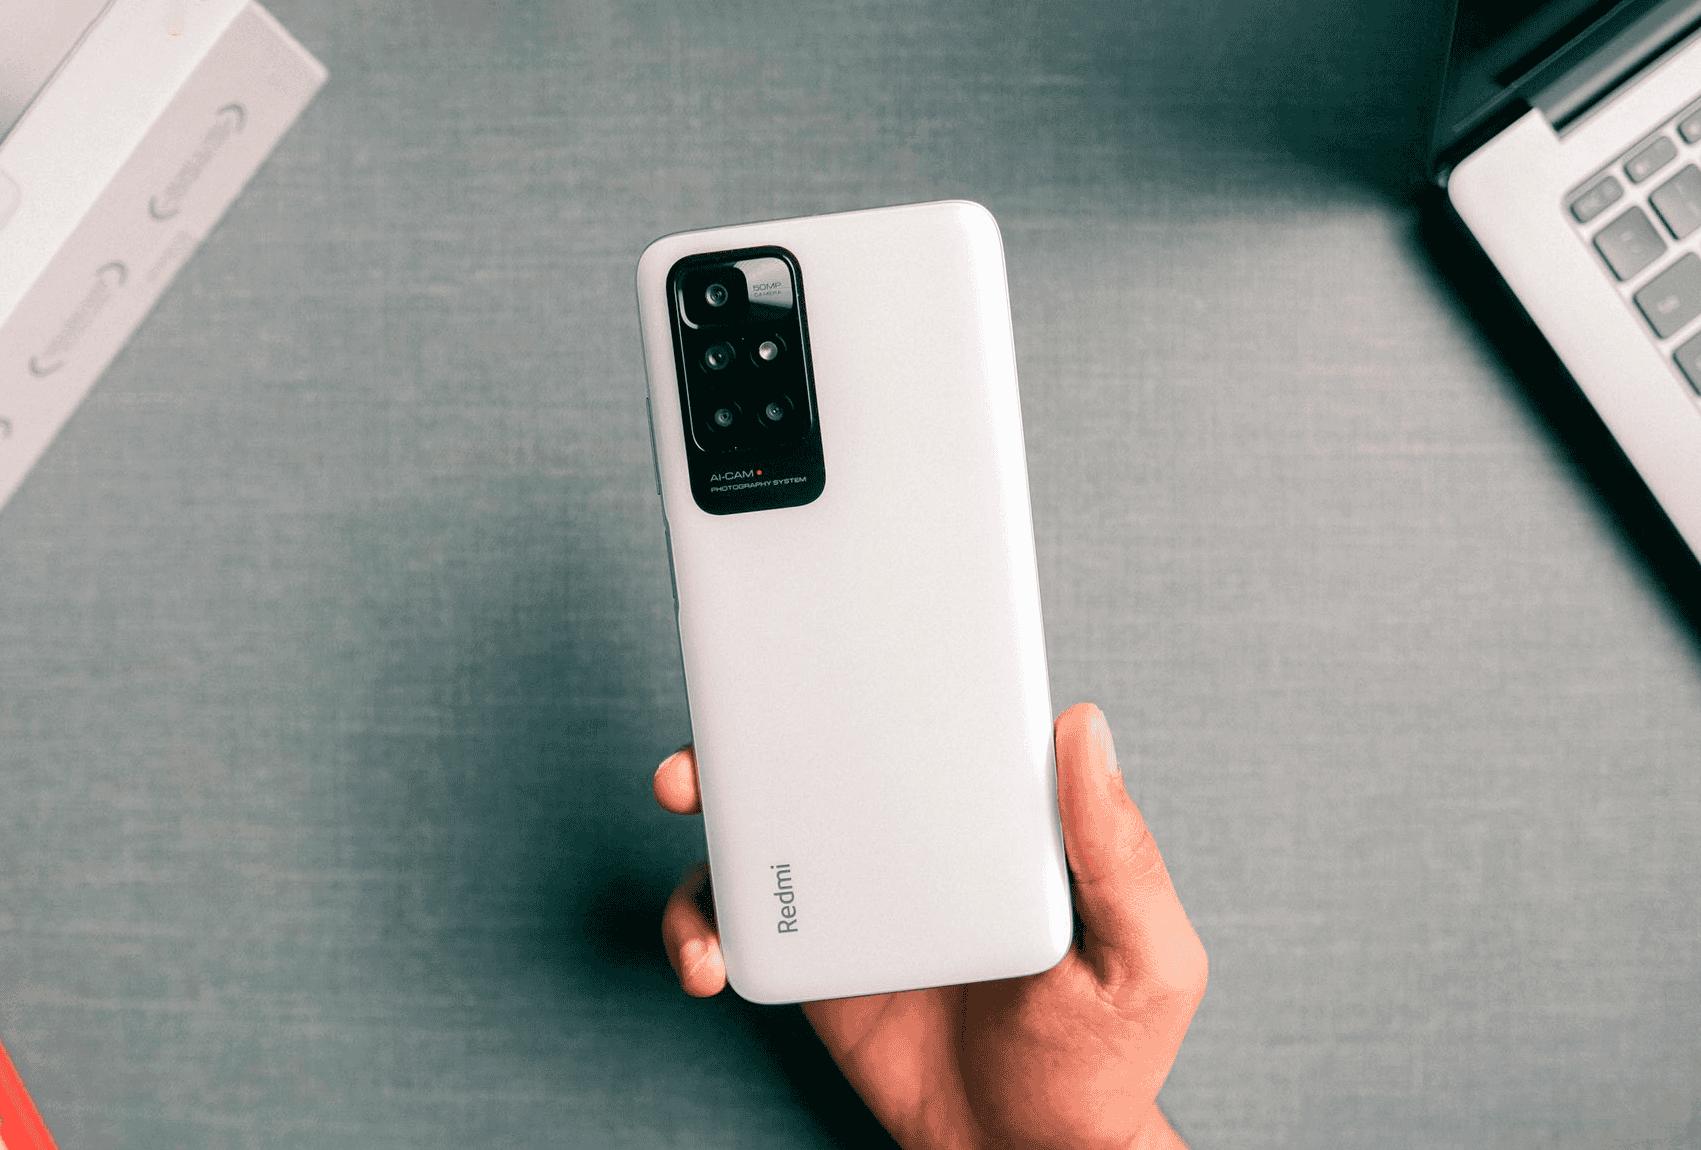 El nuevo Xiaomi barato llega con 6.000 mAh y pantalla 90 Hz: Redmi 10 Prime